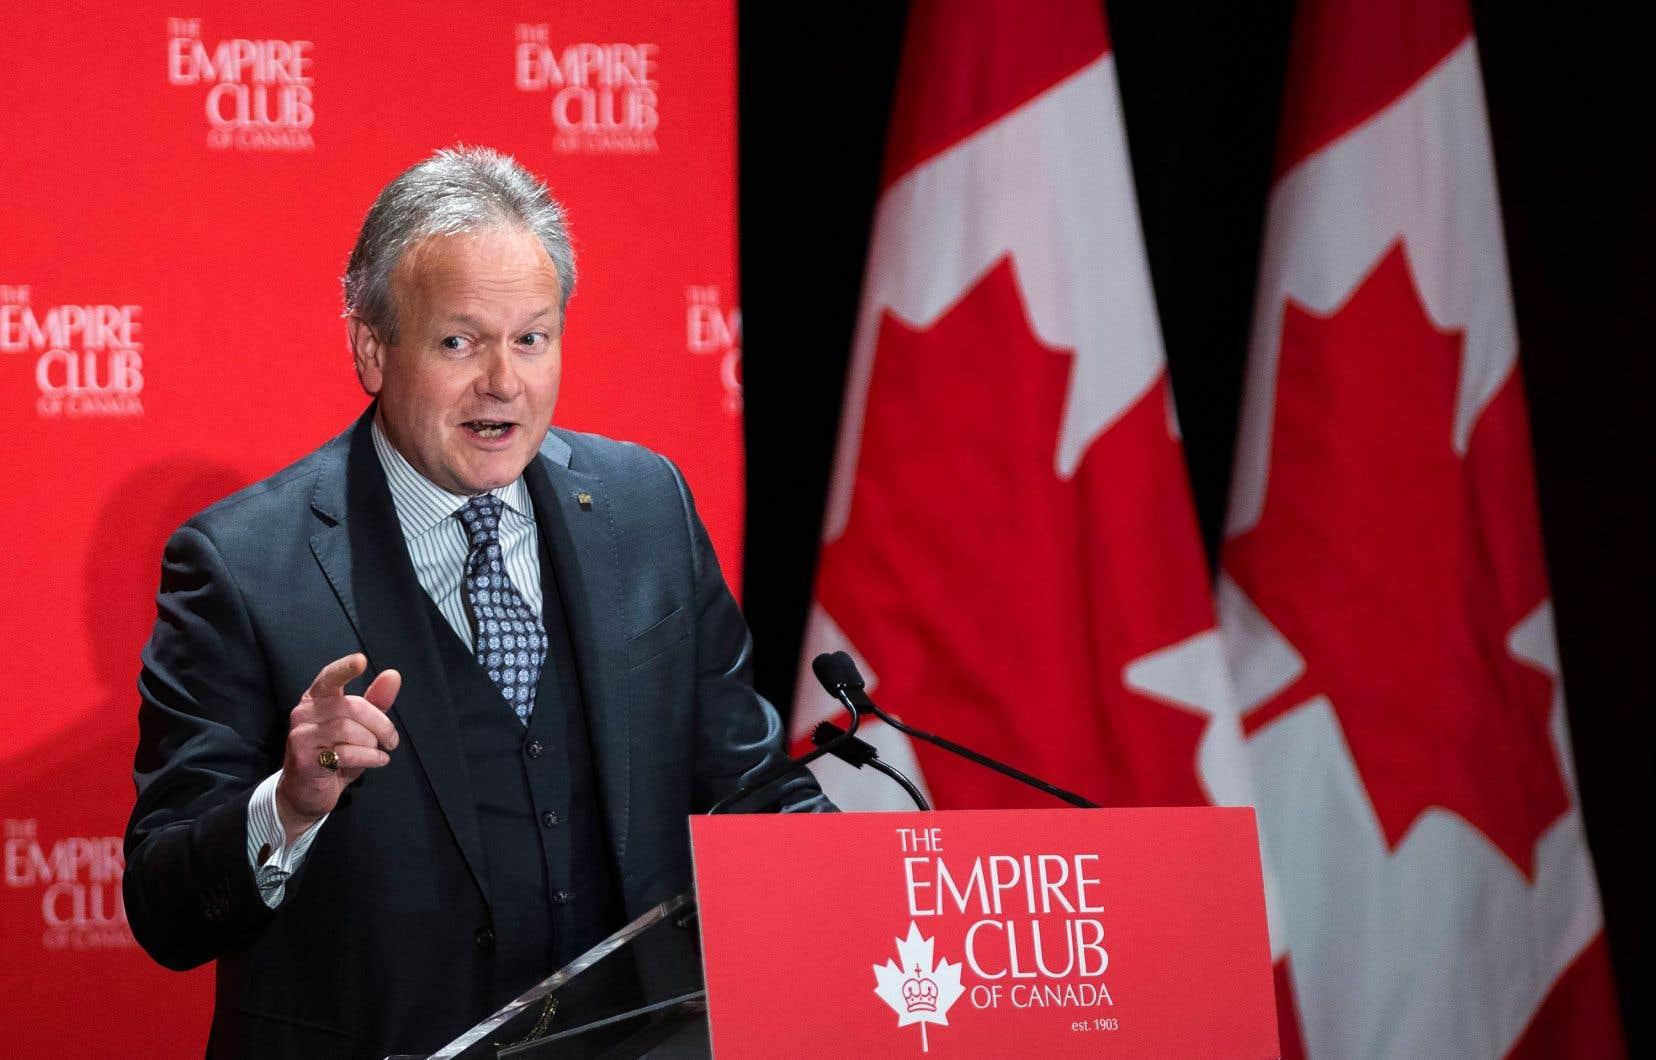 Le gouverneur de la Banque du Canada, StephenPoloz, a fait valoir, lors d'un discours prononcé devant l'Empire Club de Toronto, que le ralentissement de la croissance démographique avait freiné la croissance économique.